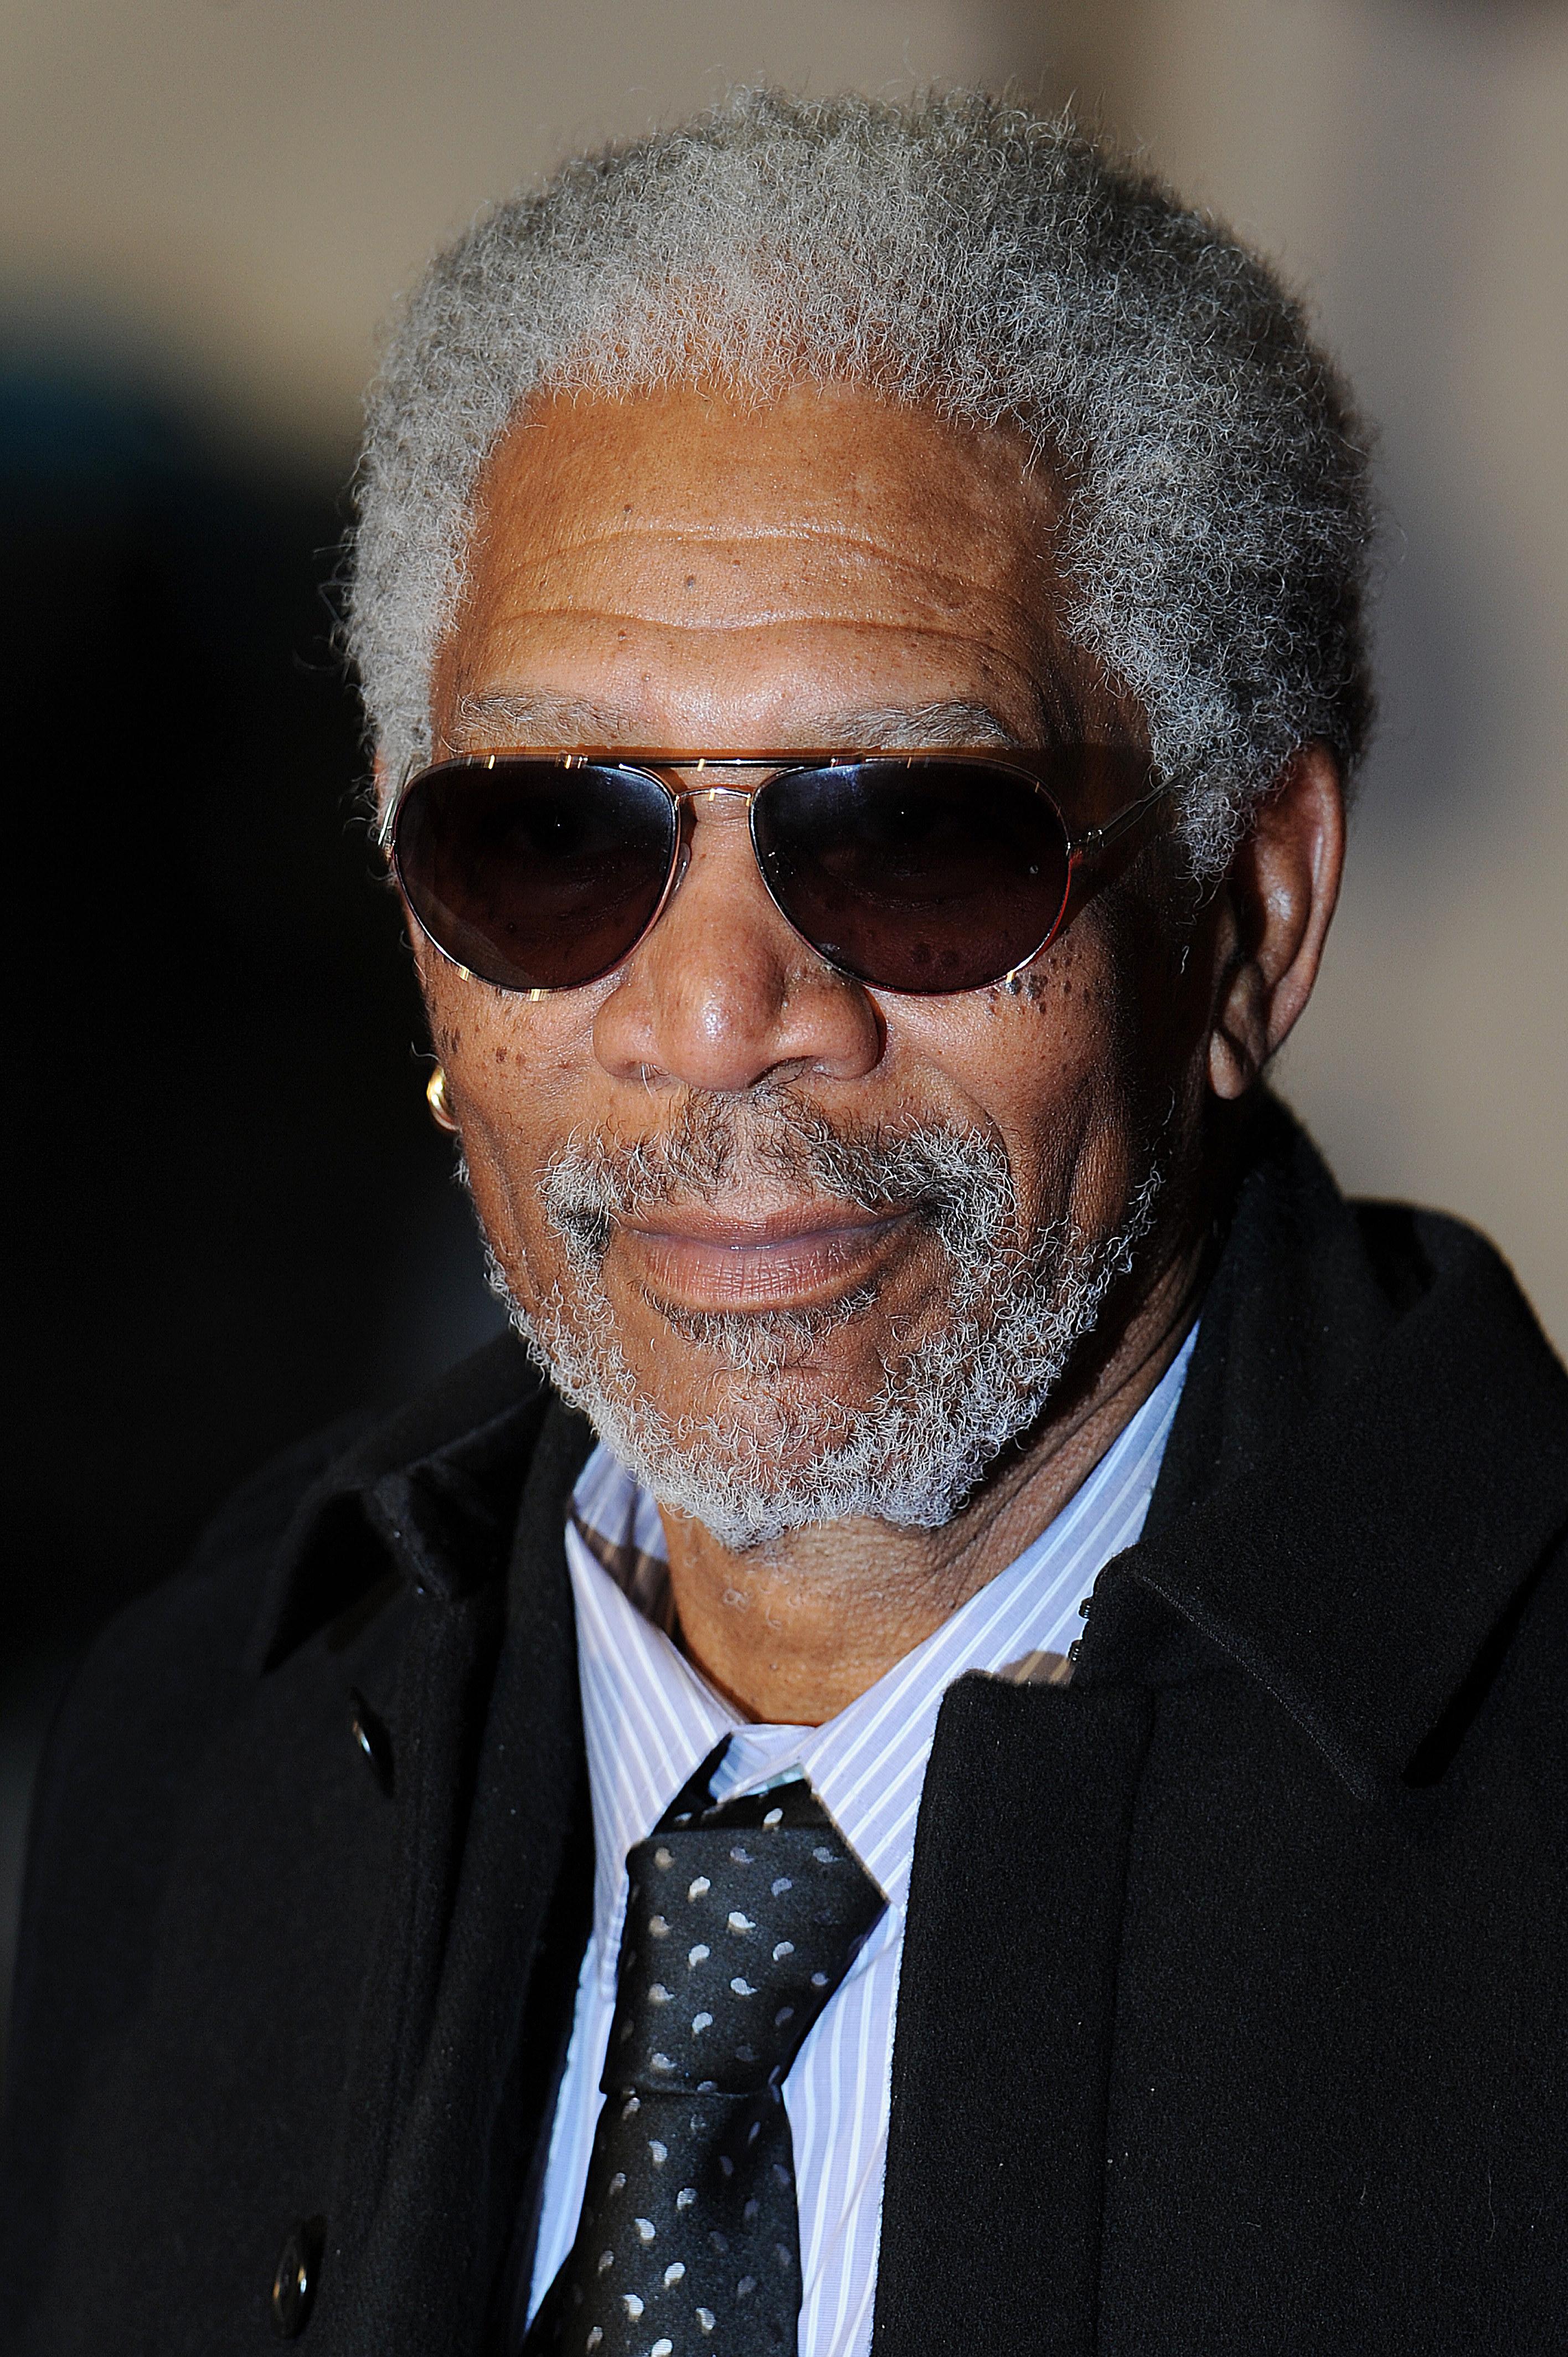 Morgan Freeman at the premiere of Invictus